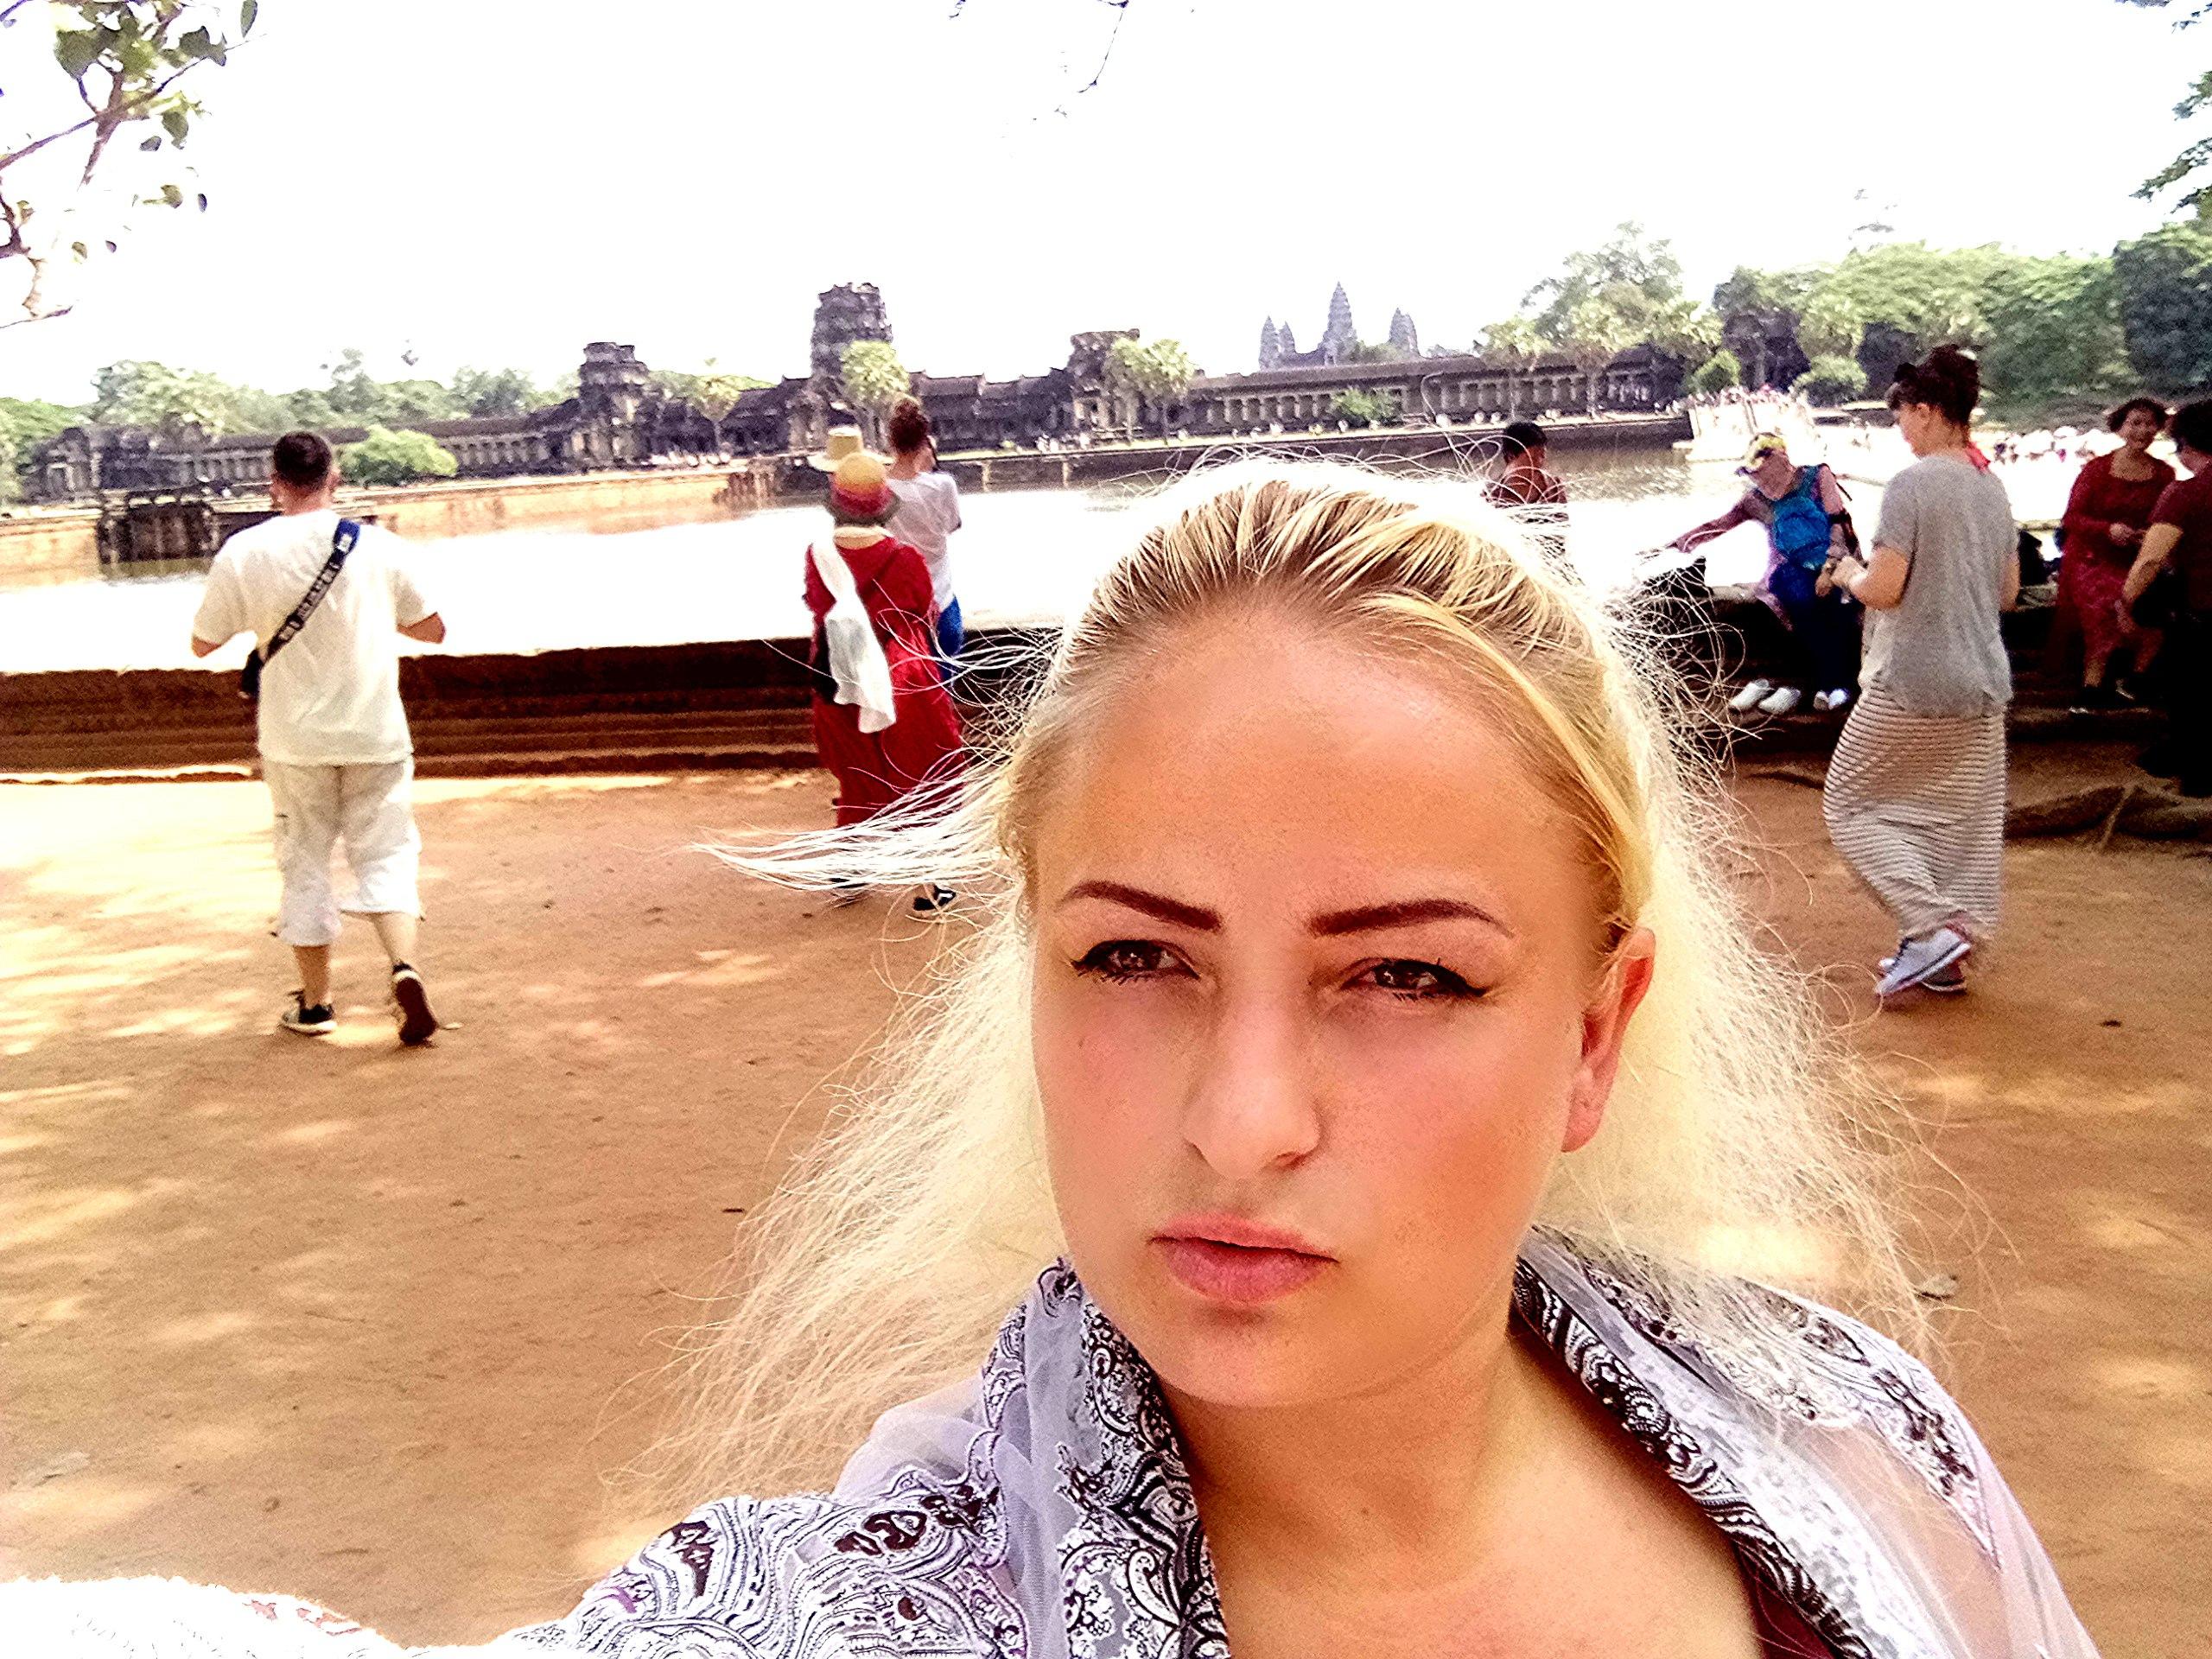 пляж - Елена Руденко. Мои путешествия (фото/видео) - Страница 3 G1fSi6C7hYA